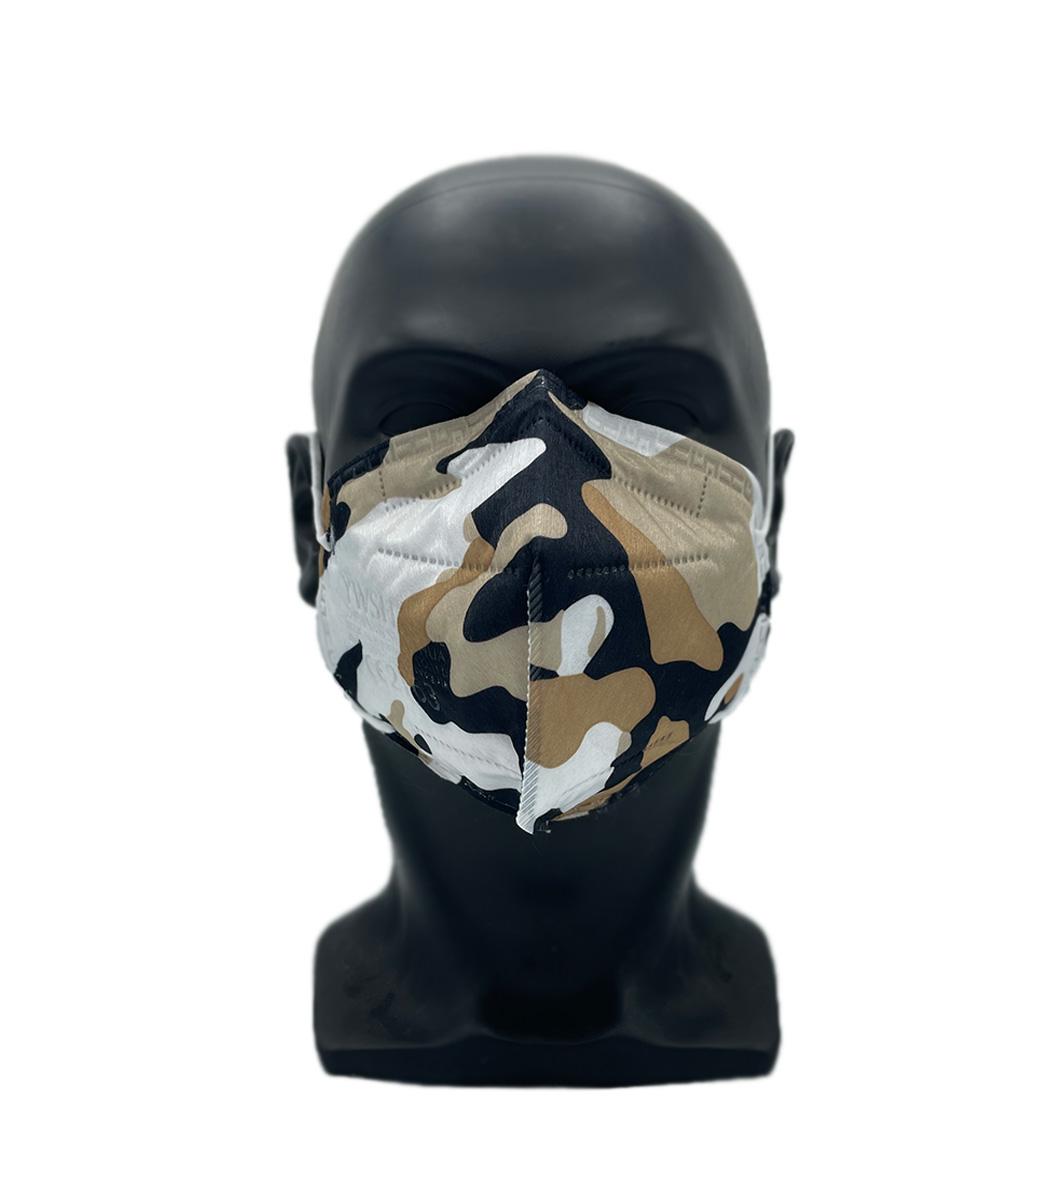 ffp2 camouflage braun